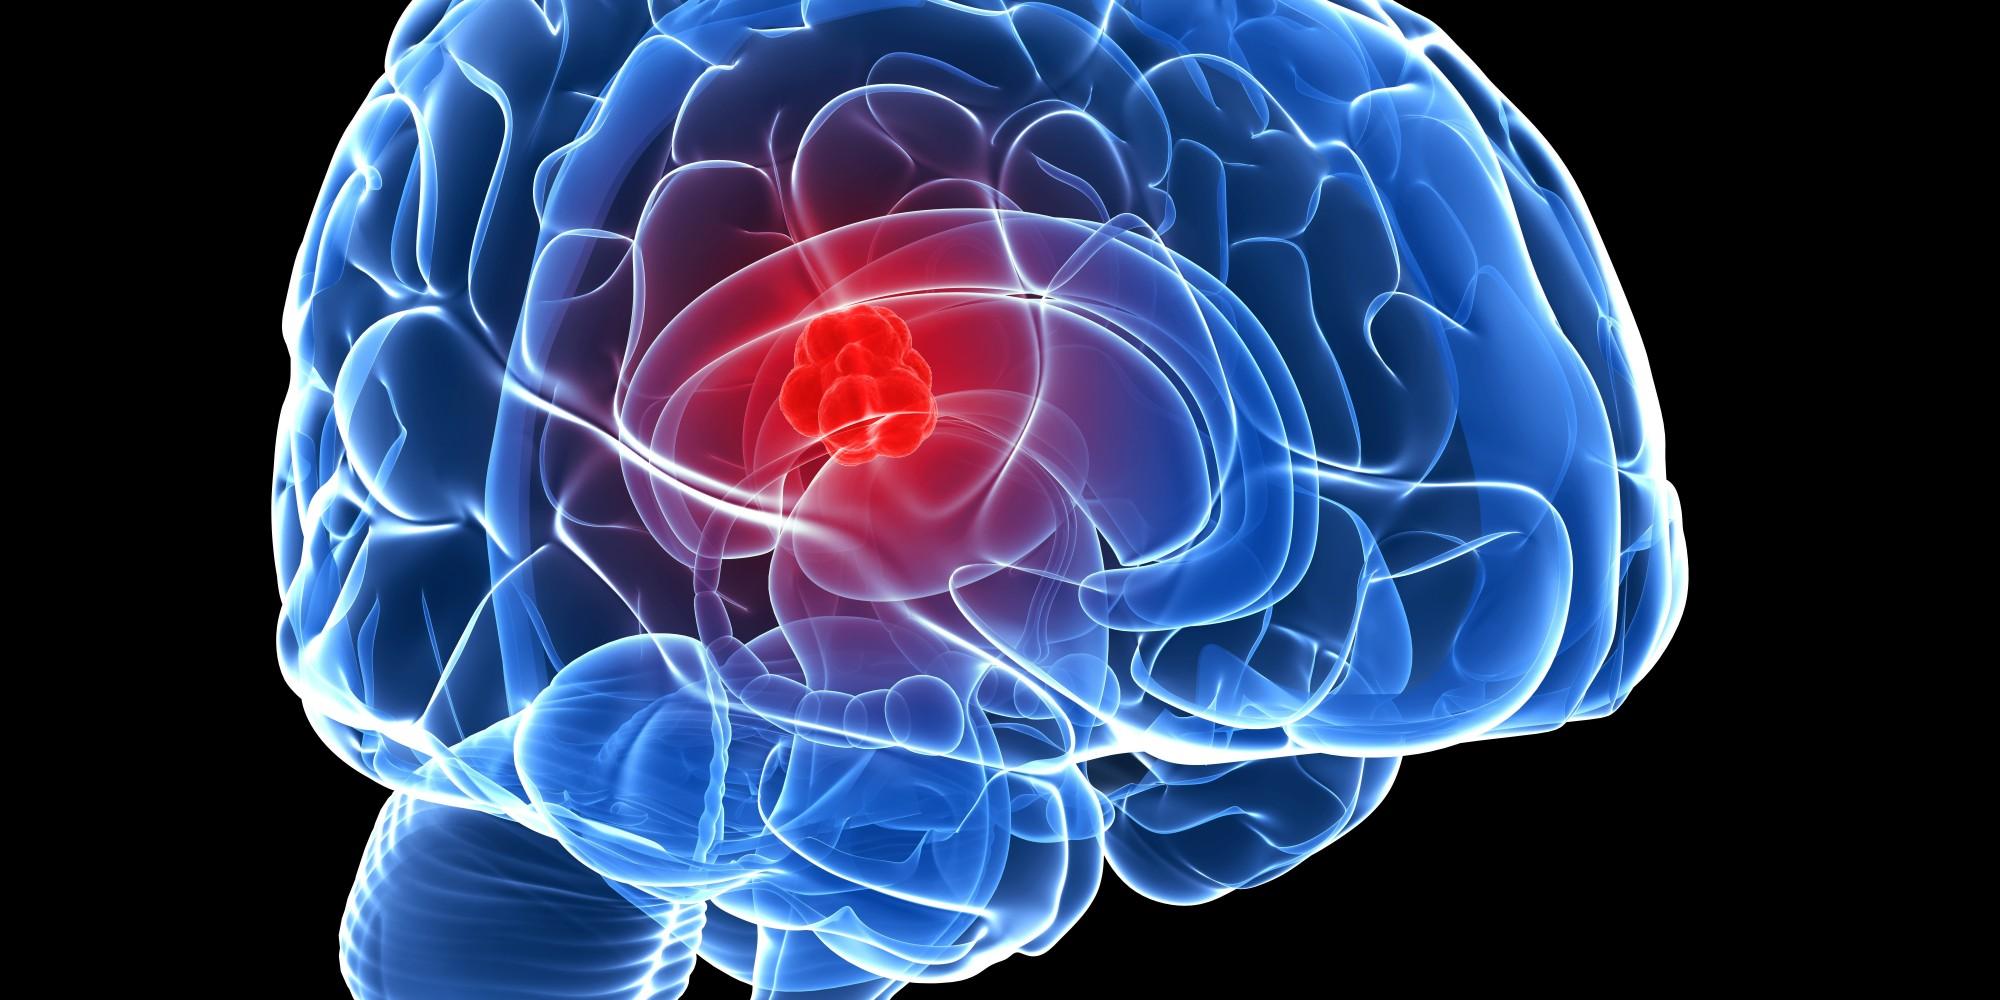 اعراض سرطان المخ 3